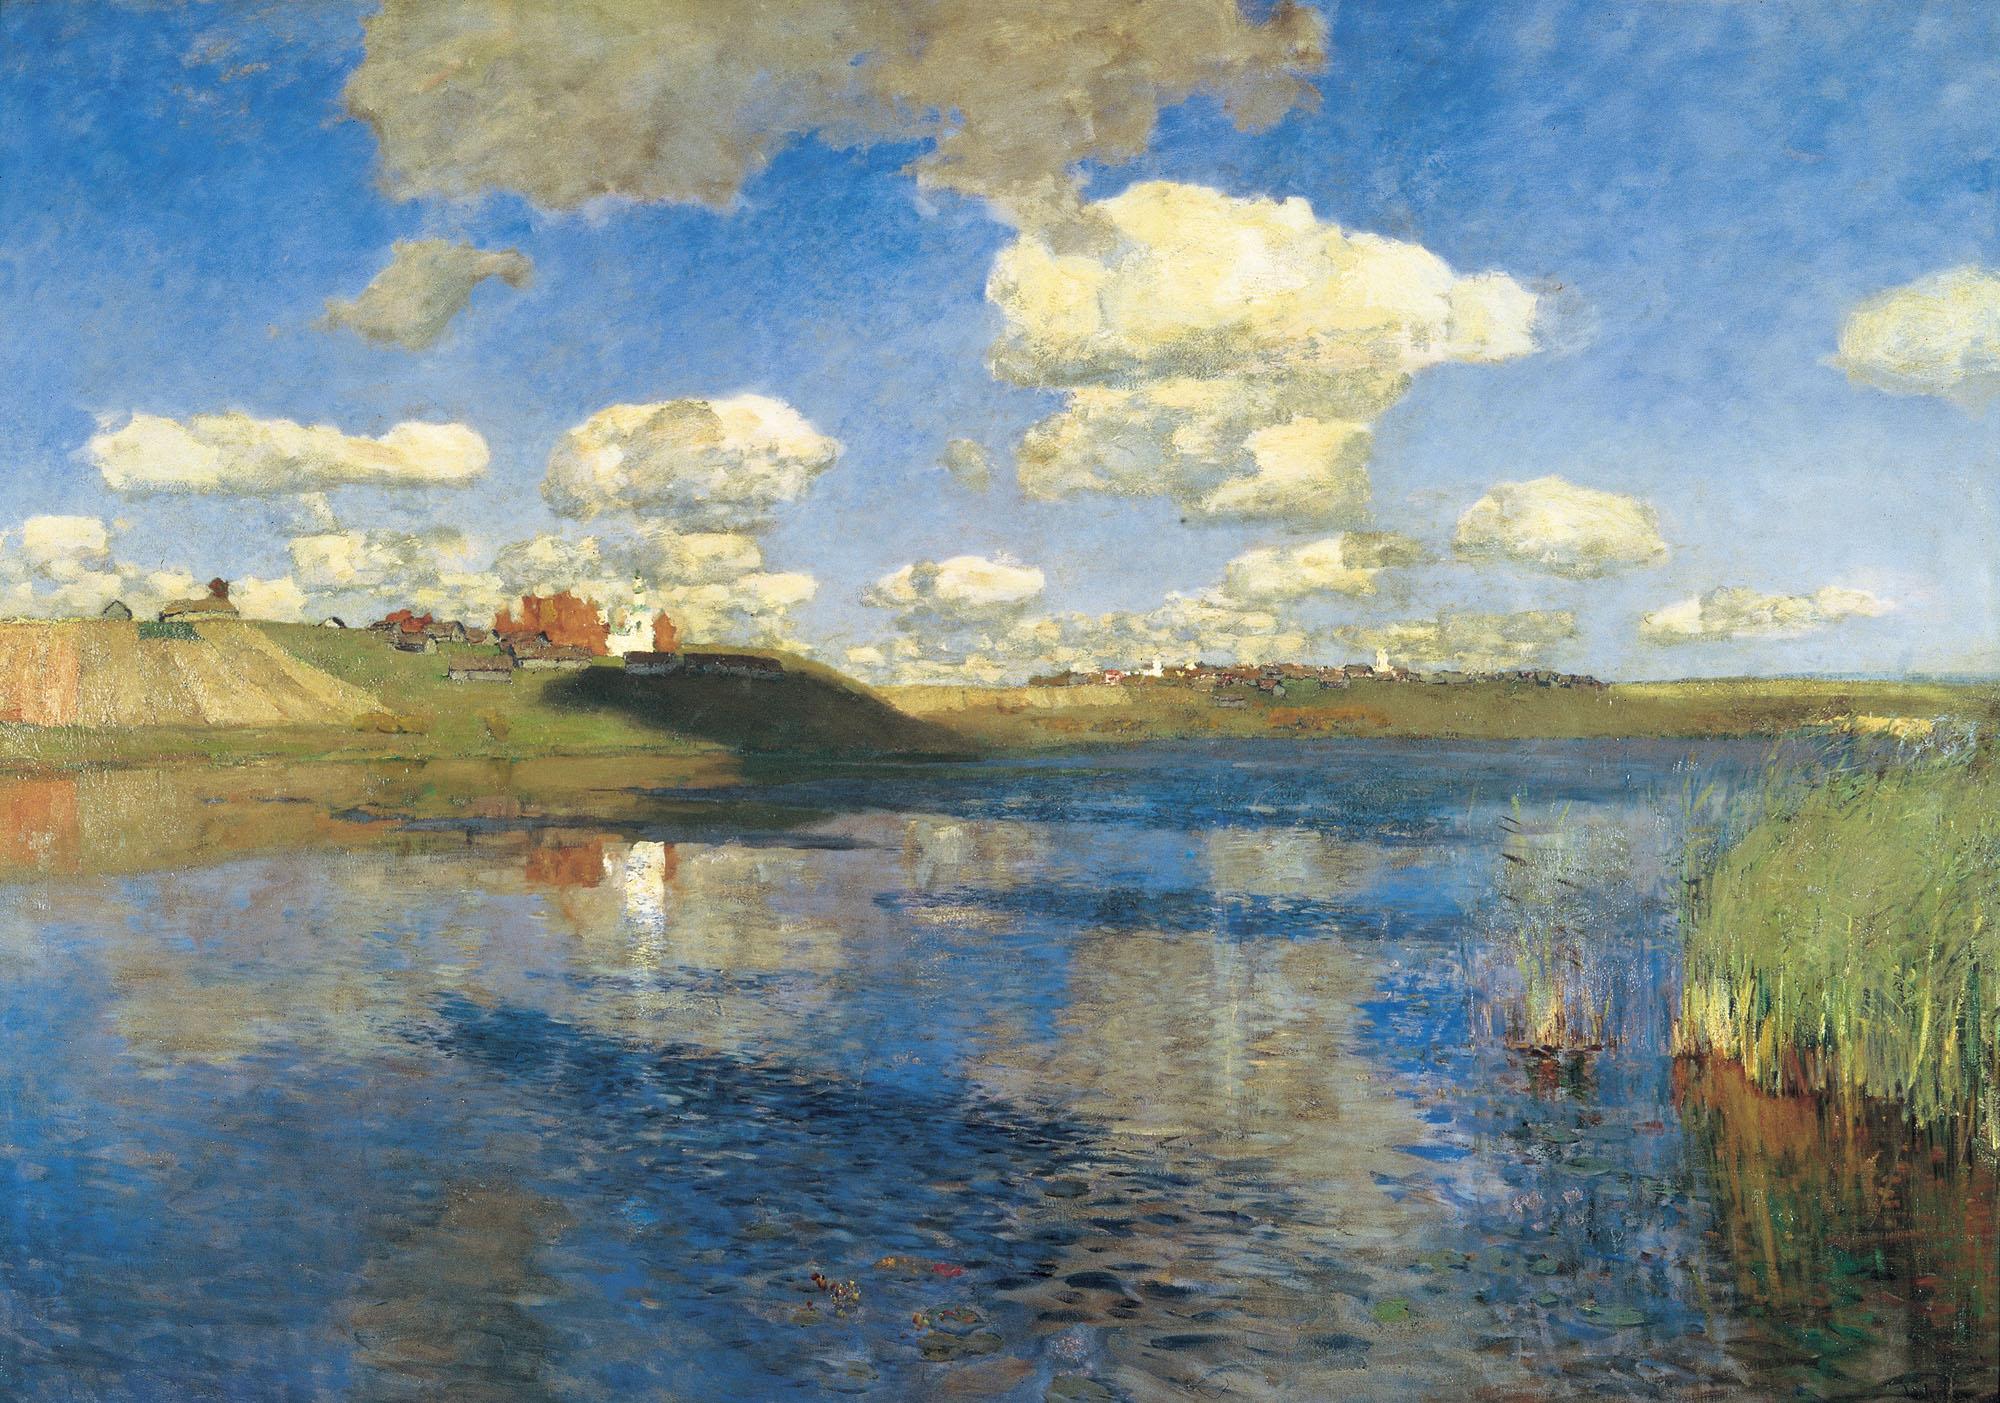 Озеро (картина Левитана) — Википедия